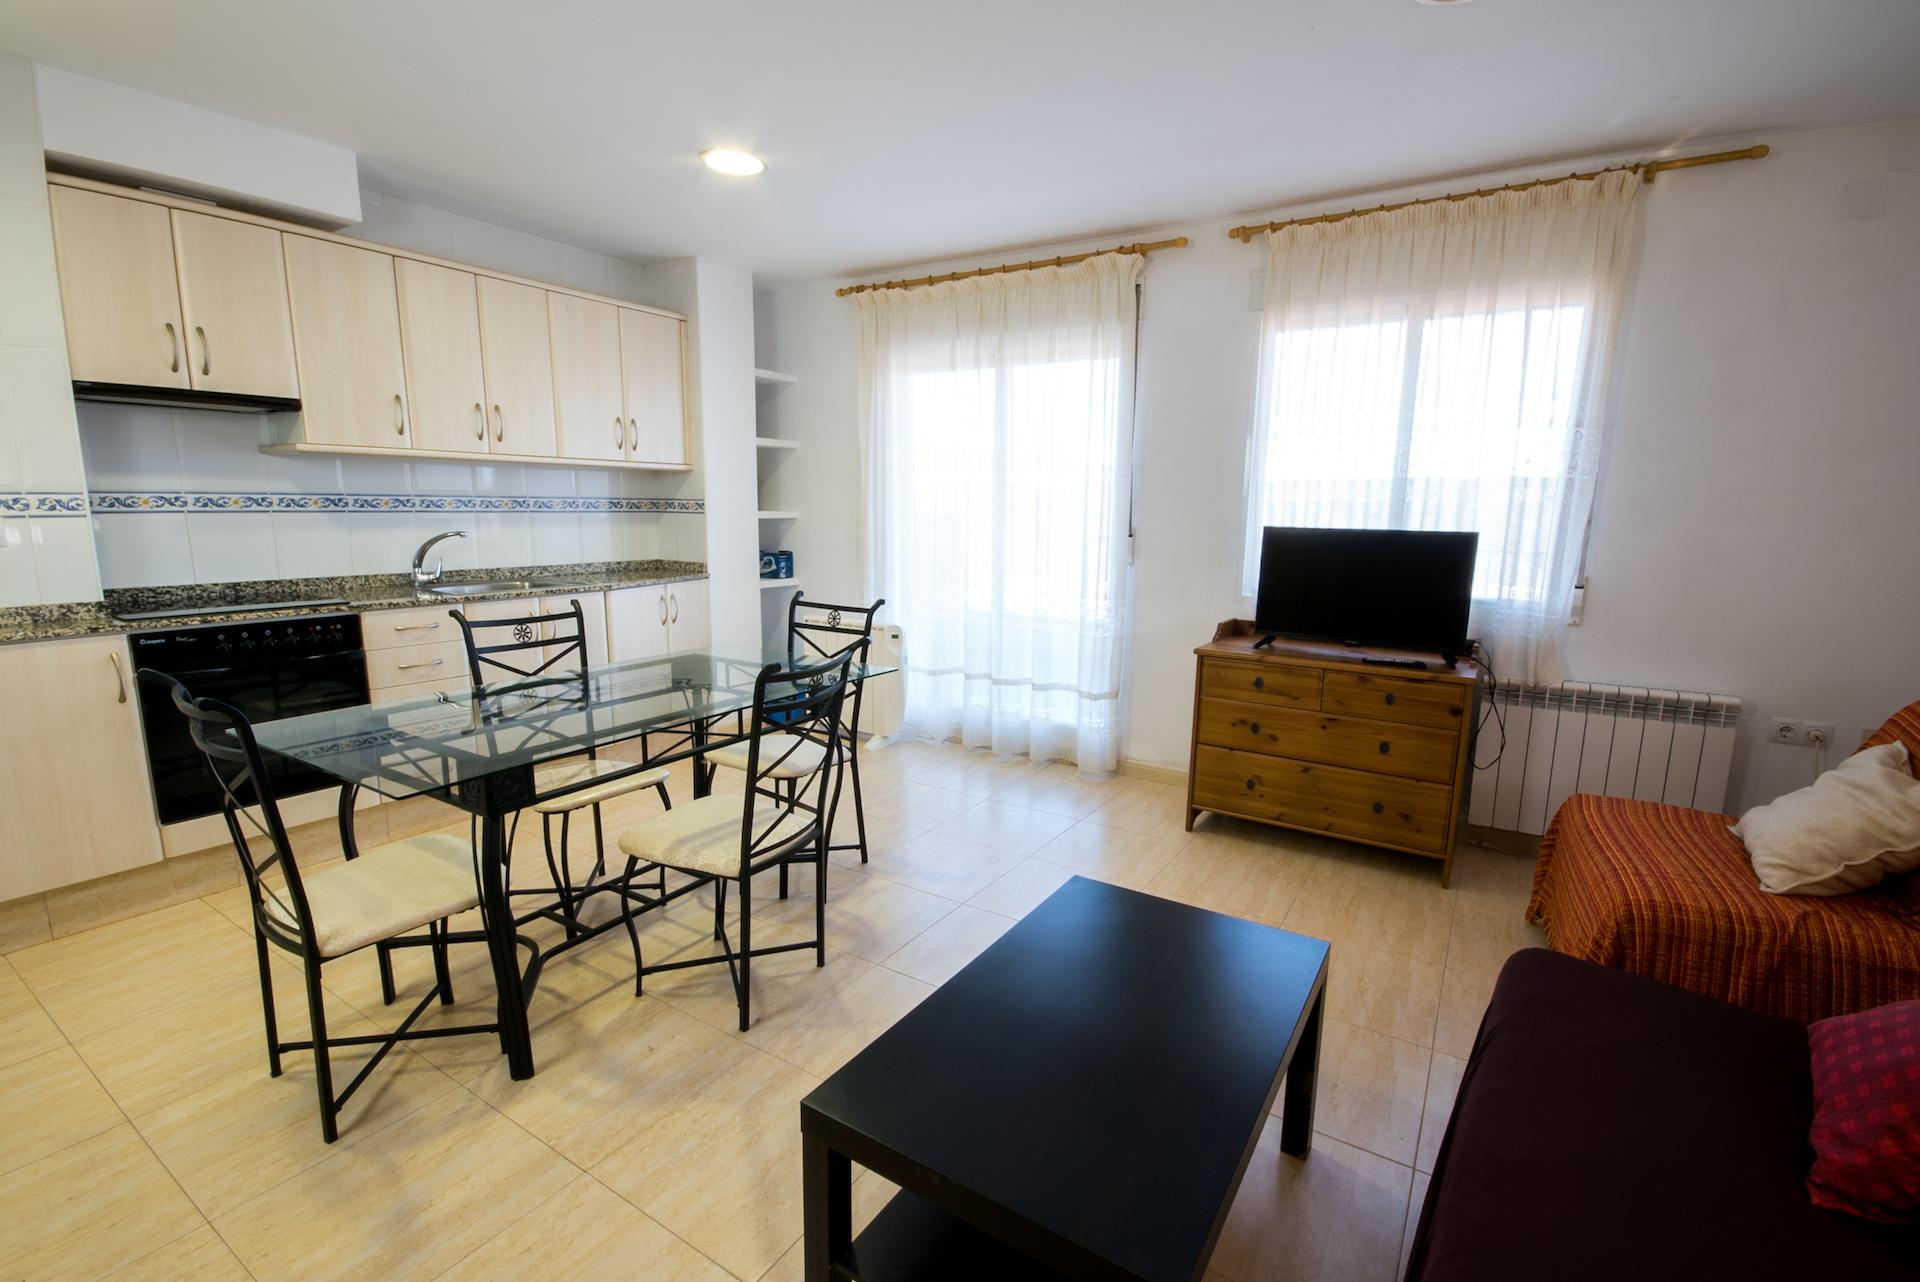 Apartamento Benafer Loft - Cocina-Salón